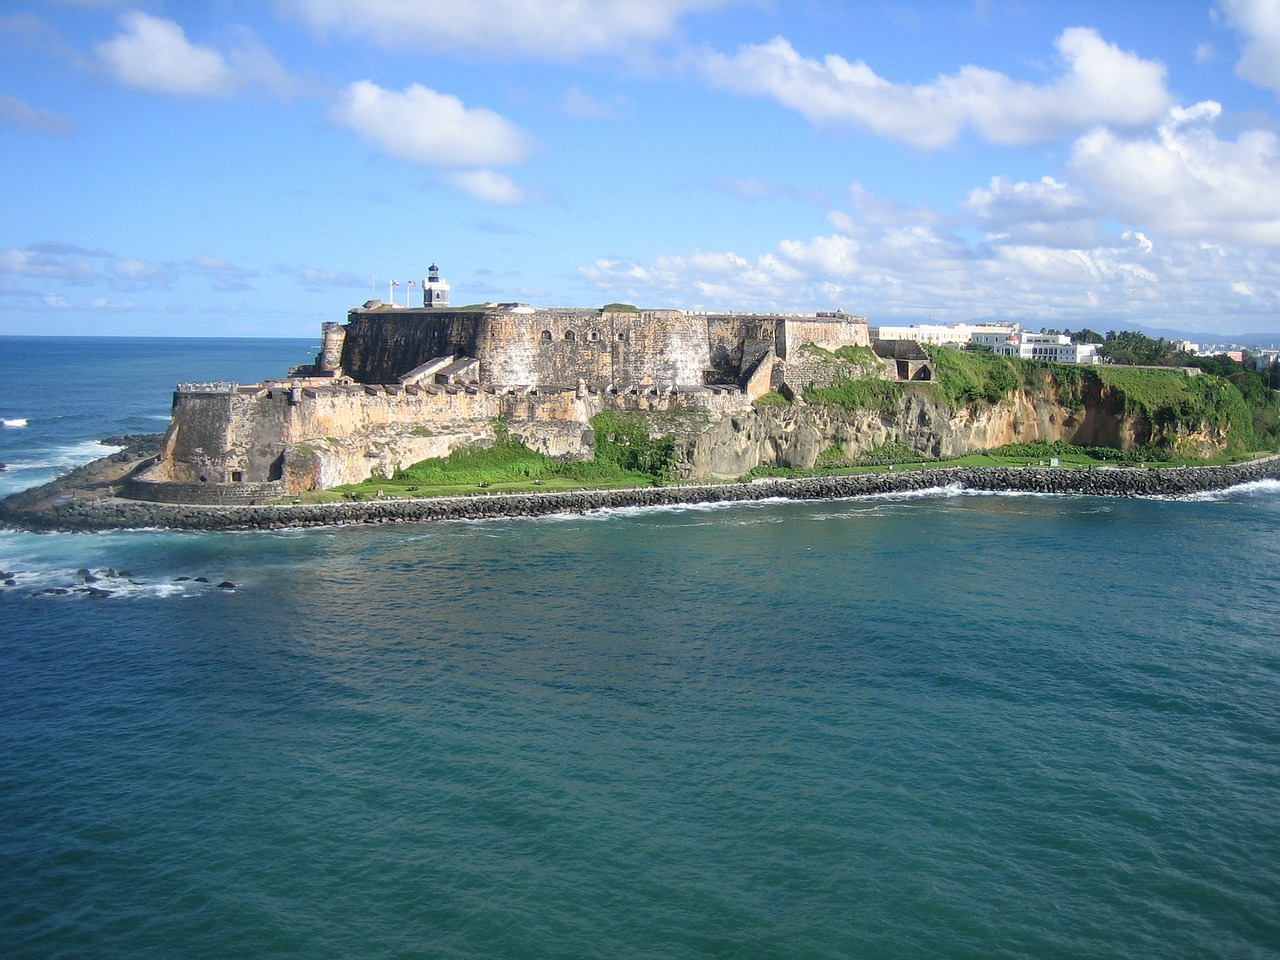 Puerto Rico 4